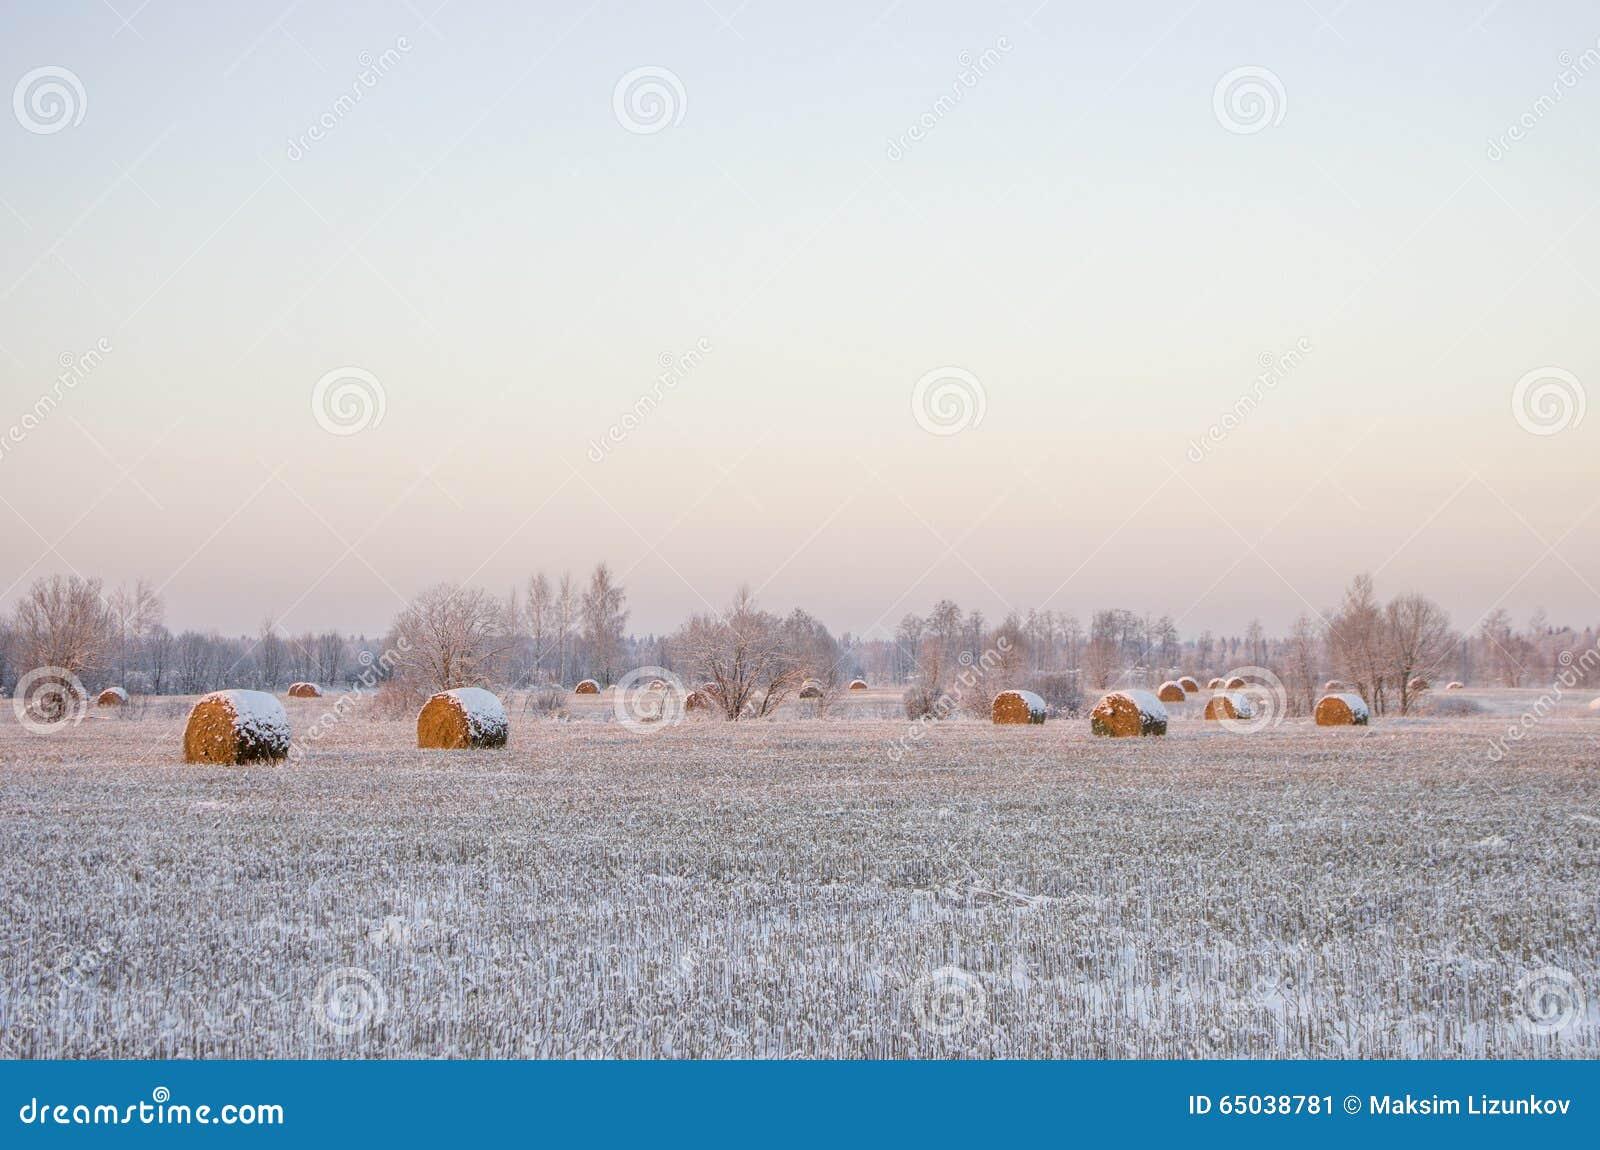 Θυμωνιές χόρτου στο παγωμένο πεδίο